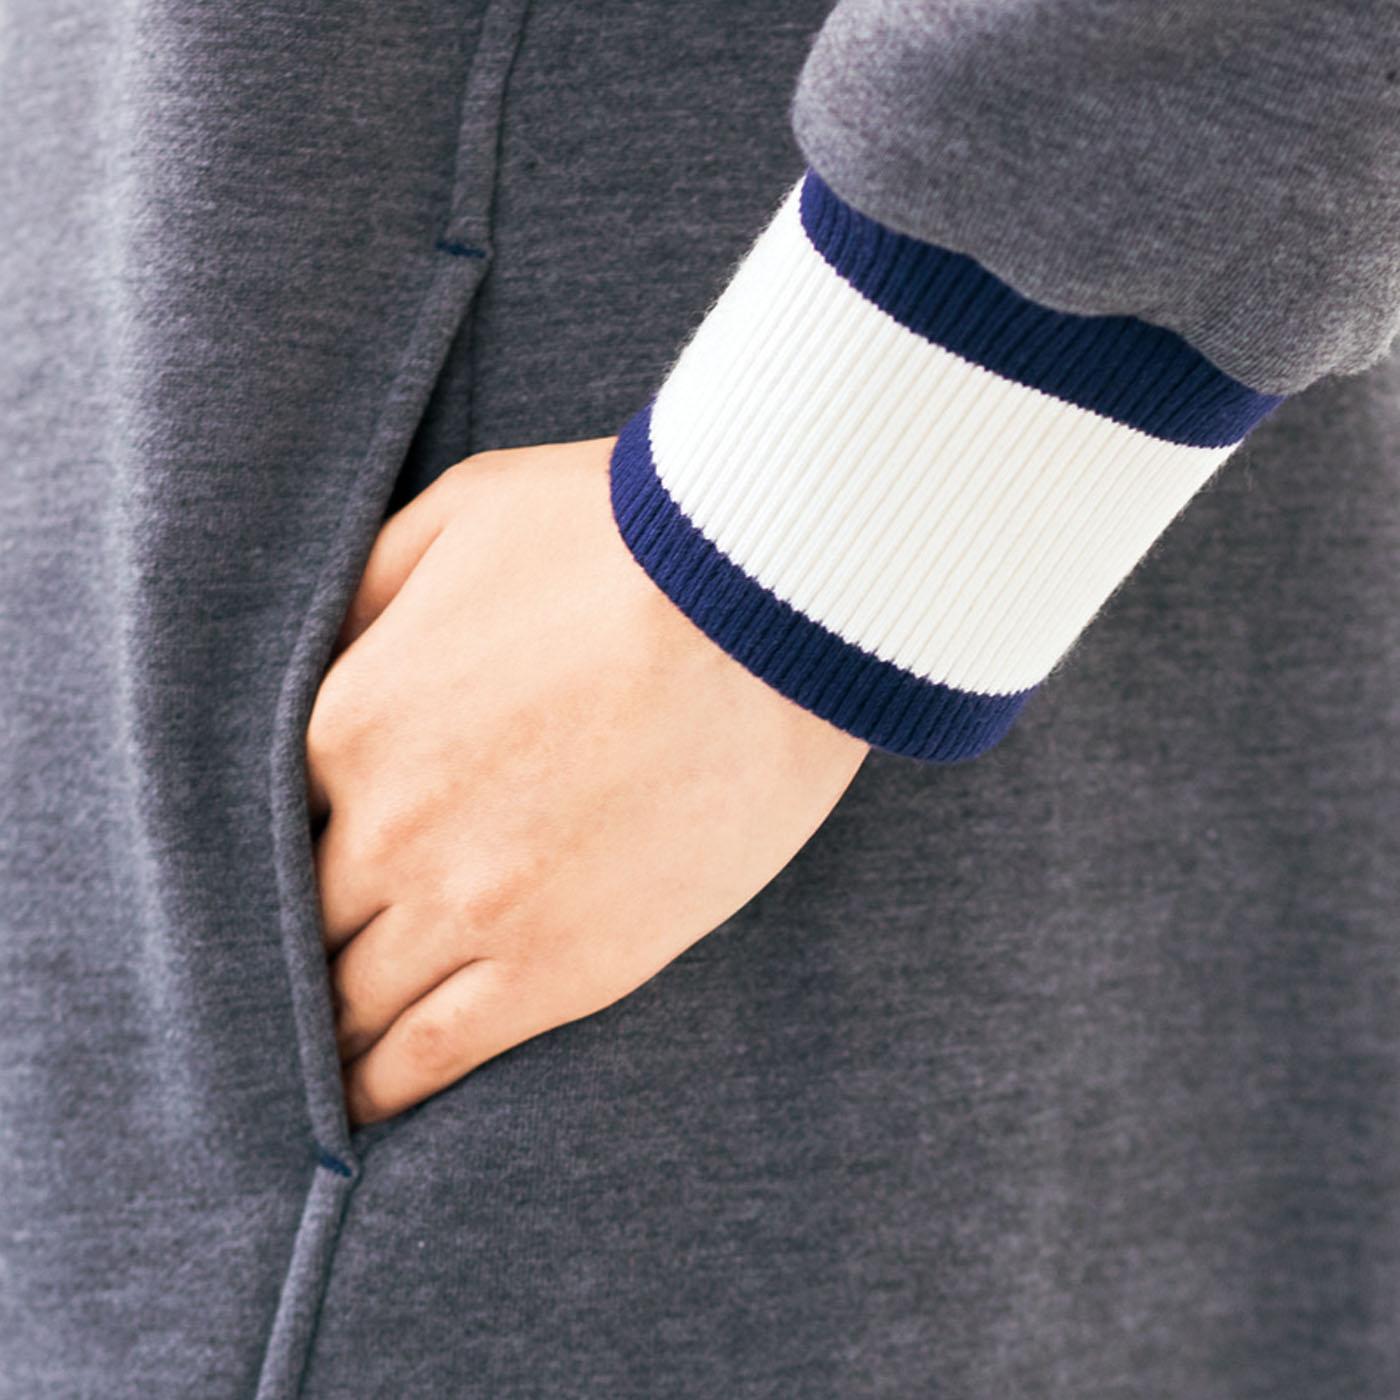 袖口の幅広リブで手首からのすき間風をブロック。たくし上げても袖がずり落ちにくいから、家事をするときも快適。